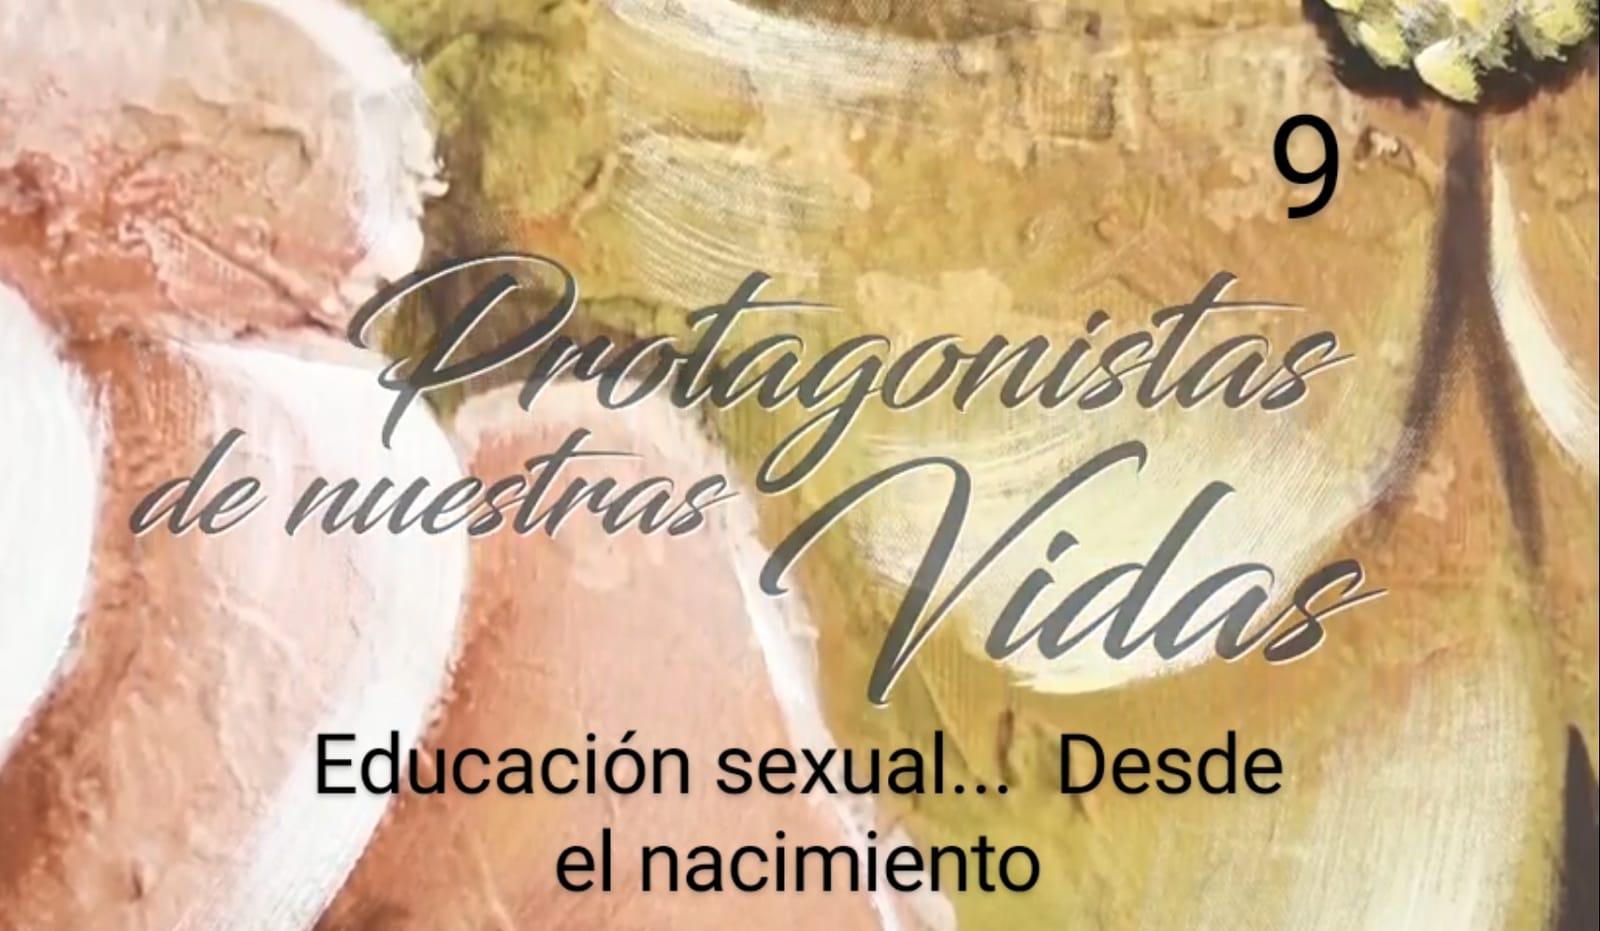 Protagonistas de Nuestras vidas 9: Educación sexual… desde el nacimiento